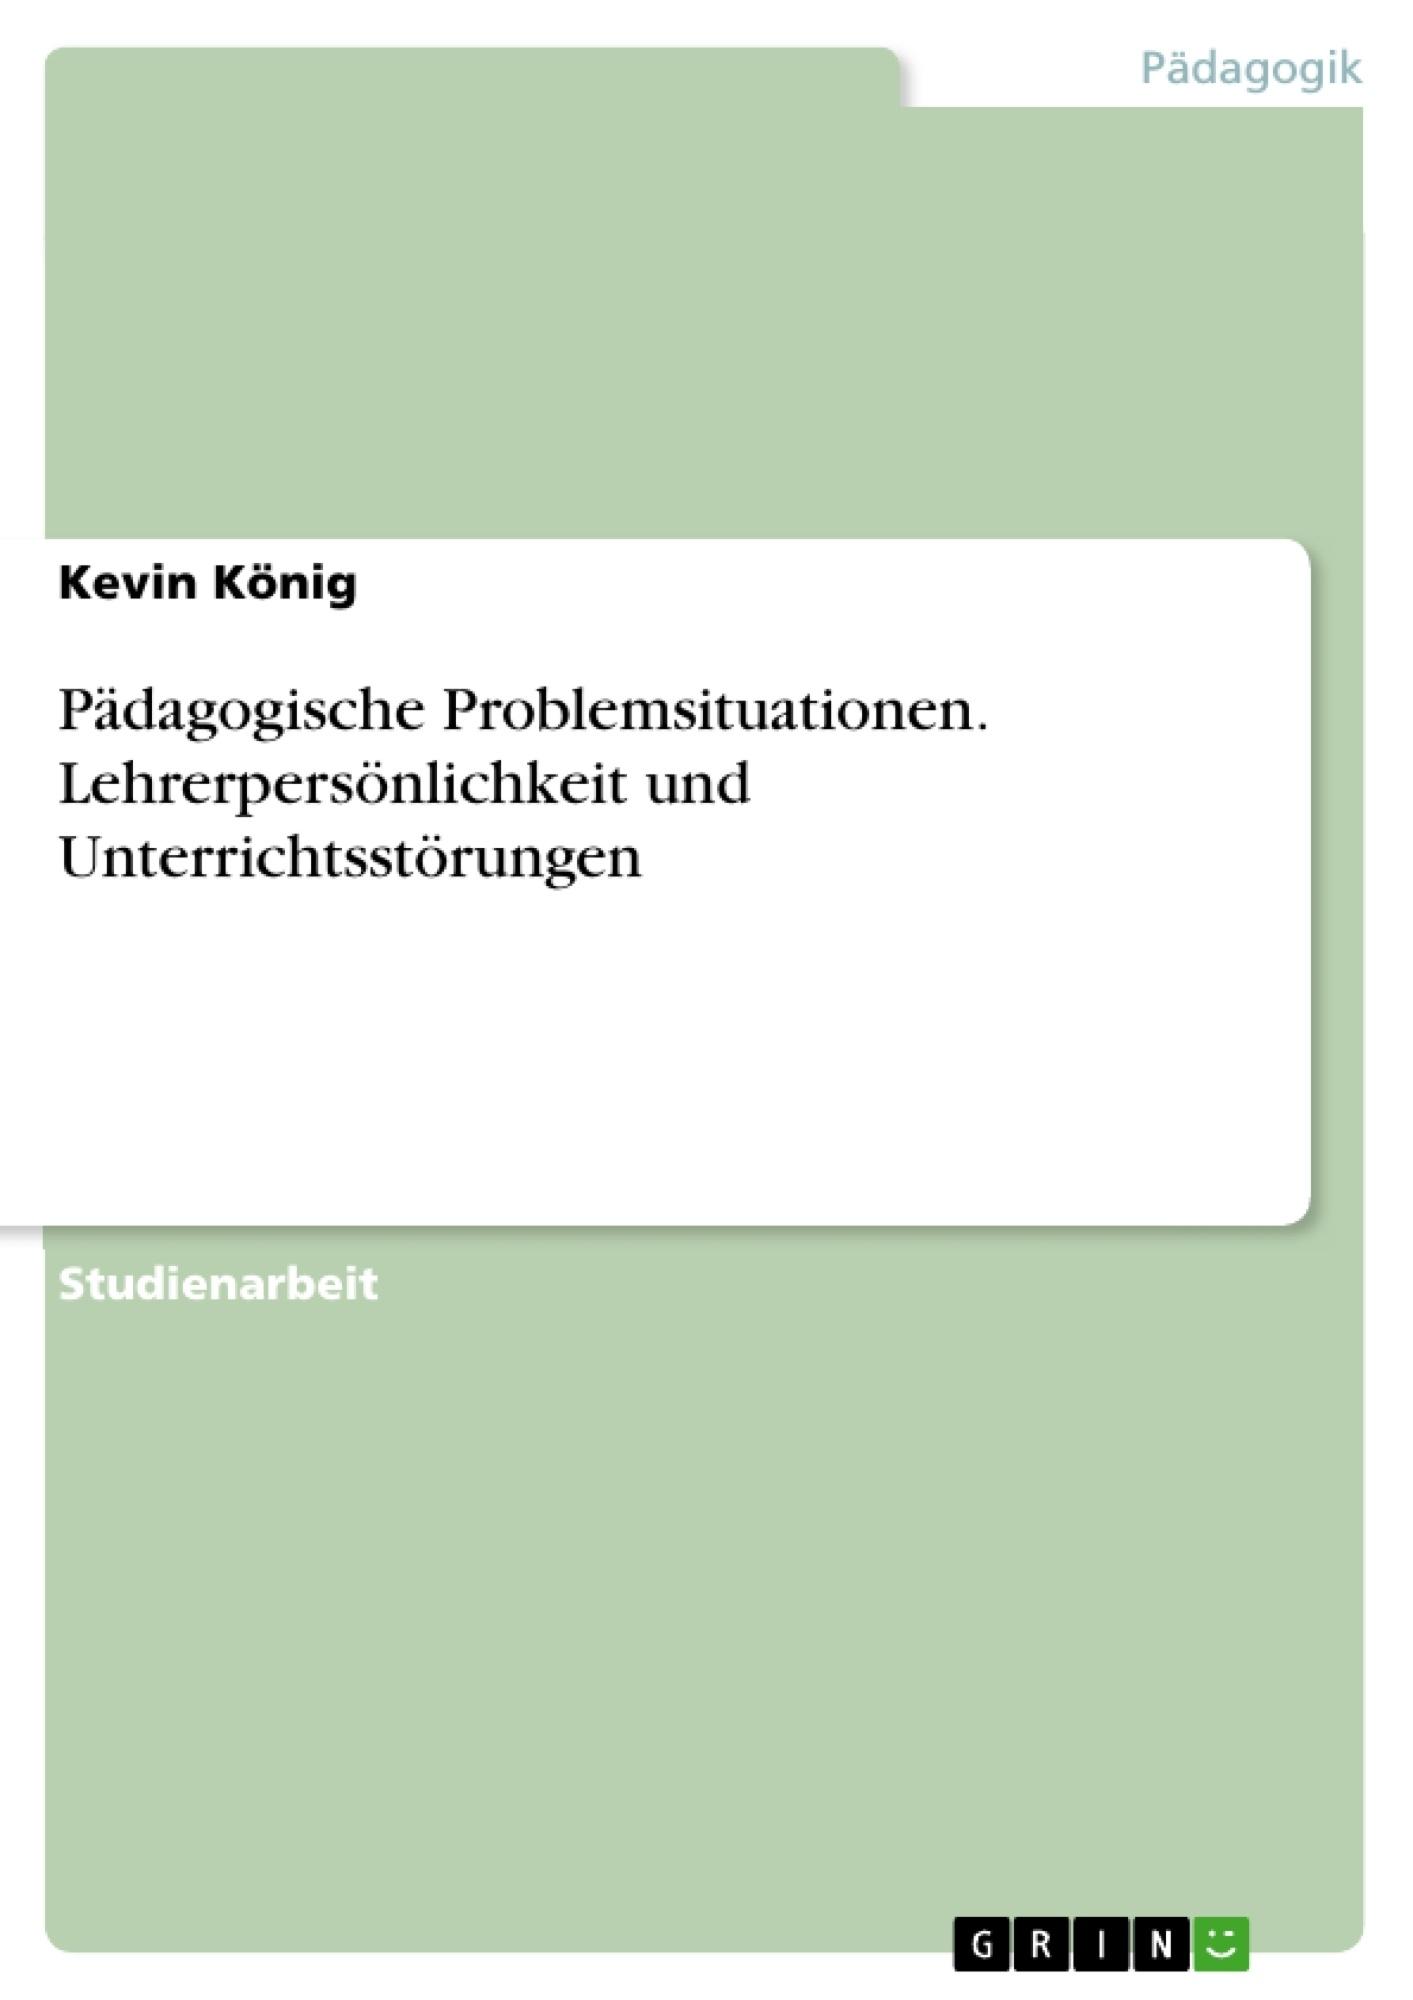 Titel: Pädagogische Problemsituationen. Lehrerpersönlichkeit und Unterrichtsstörungen